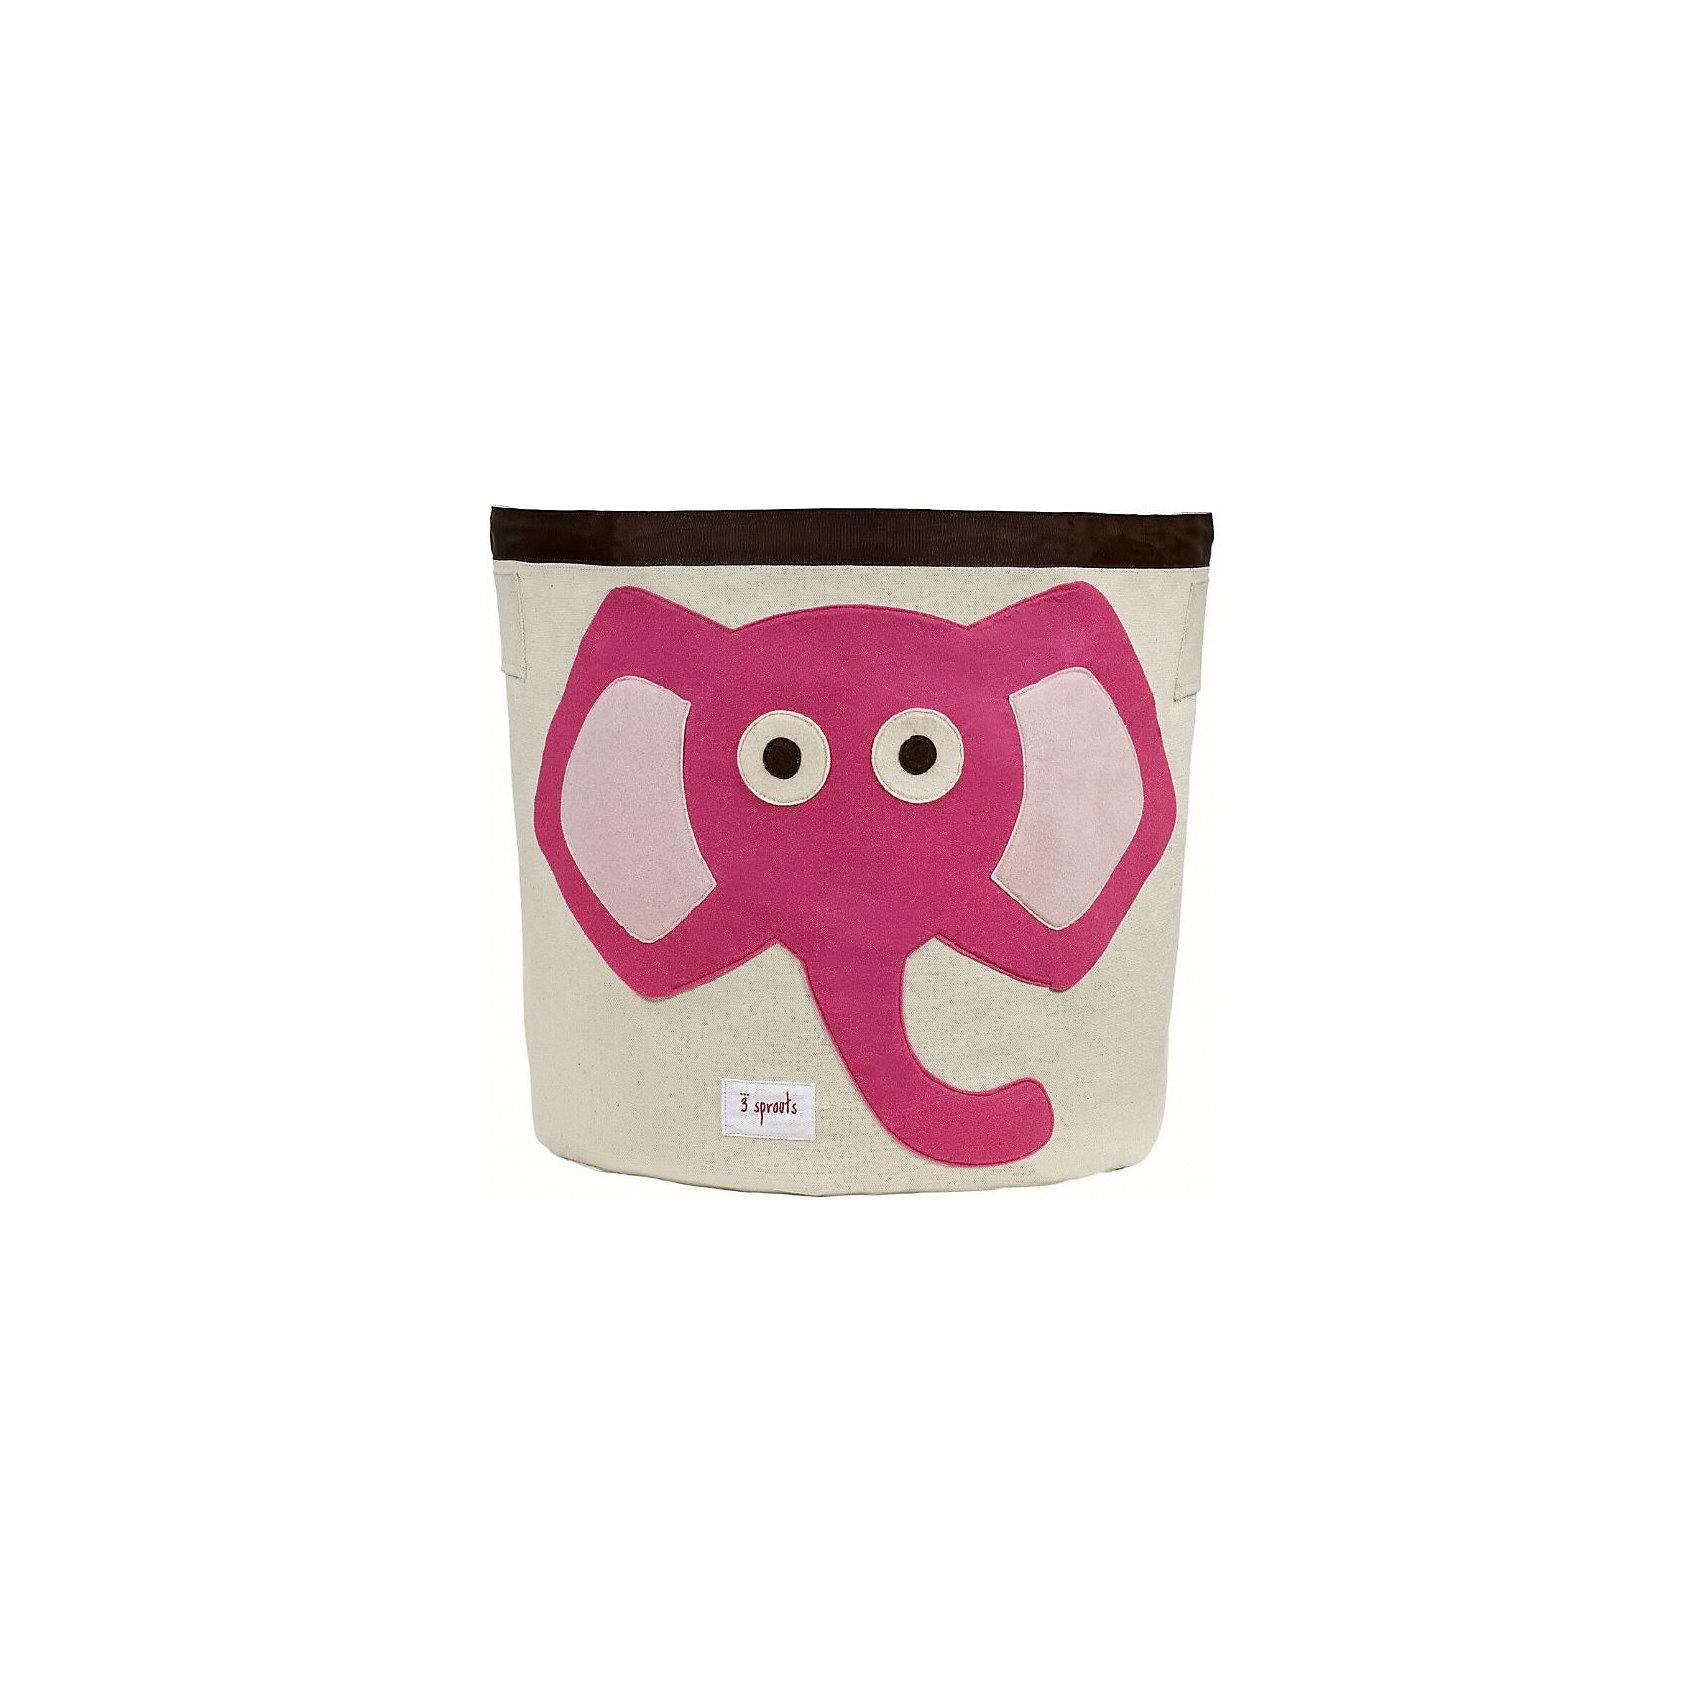 Корзина для хранения Слонёнок (Pink Elephant), 3 Sprouts, розовыйПорядок в детской<br>Такие милые корзины помогут Вам навести порядок в детской. Размер корзины позволяет хранить в ней игрушки или белье.  <br><br>Дополнительная информация:<br><br>- Размер полотенца: 44.5х43 см.<br>- Материал: <br>100% хлопковый брезент.<br>100% полиэстровая фетровая аппликация.<br>100% полиэтиленовое покрытие (внутри).<br>- Цвет: розовый.<br><br>Купить корзину для хранения Слоненок (Pink Elephant) в розовом цвете, можно в нашем магазине.<br><br>Ширина мм: 250<br>Глубина мм: 20<br>Высота мм: 450<br>Вес г: 526<br>Возраст от месяцев: 6<br>Возраст до месяцев: 84<br>Пол: Унисекс<br>Возраст: Детский<br>SKU: 5098206